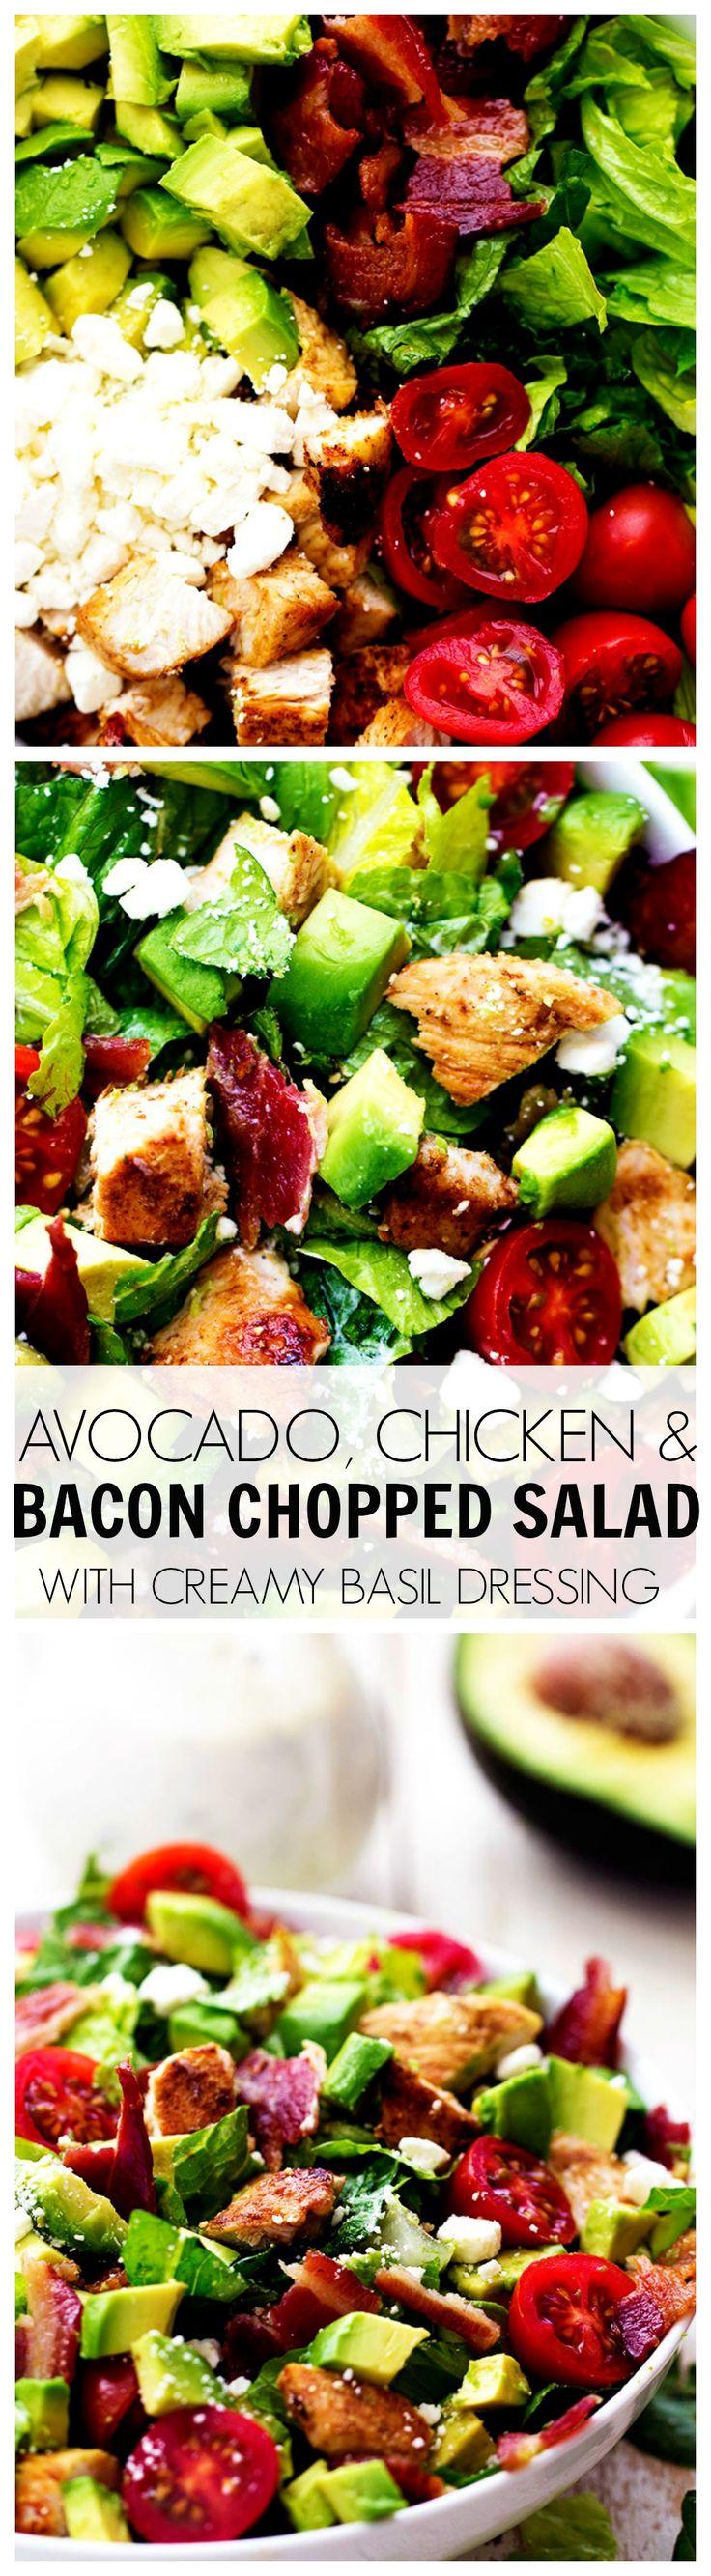 手机壳定制newbridge silver rings This Avocado Chicken and Bacon Chopped Salad has SO many awesome flavors and the avocado adds such a creamy texture and rich taste One of the BEST salads I have ever had